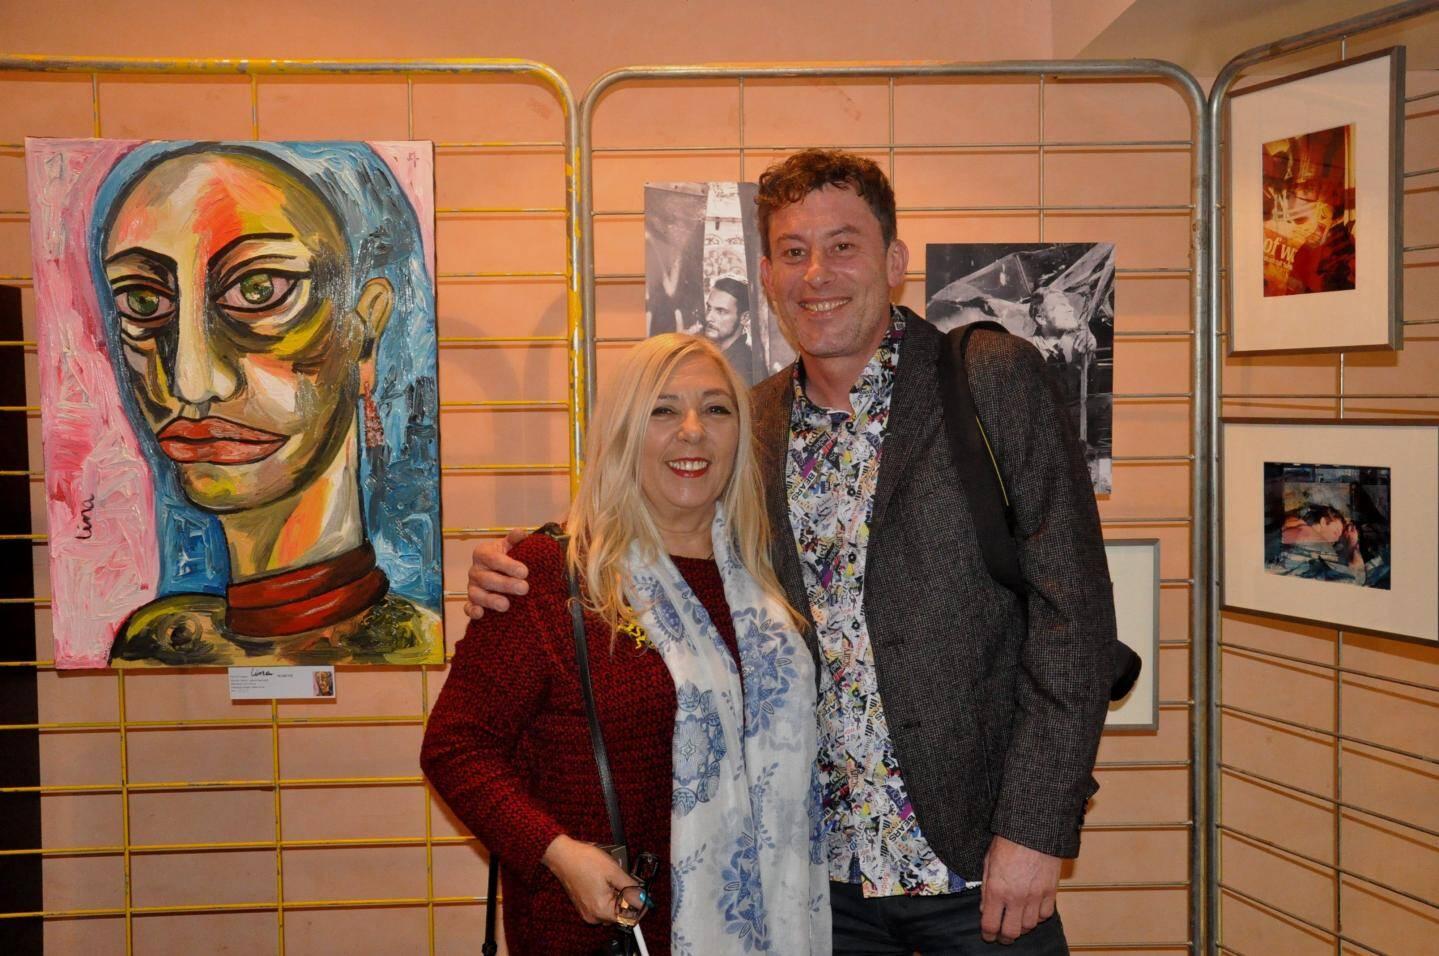 Lina Marcos et Cyrille Thomas (alias Cyrto) ont présenté leur travail sur le thème « Le rêve et la folie » .